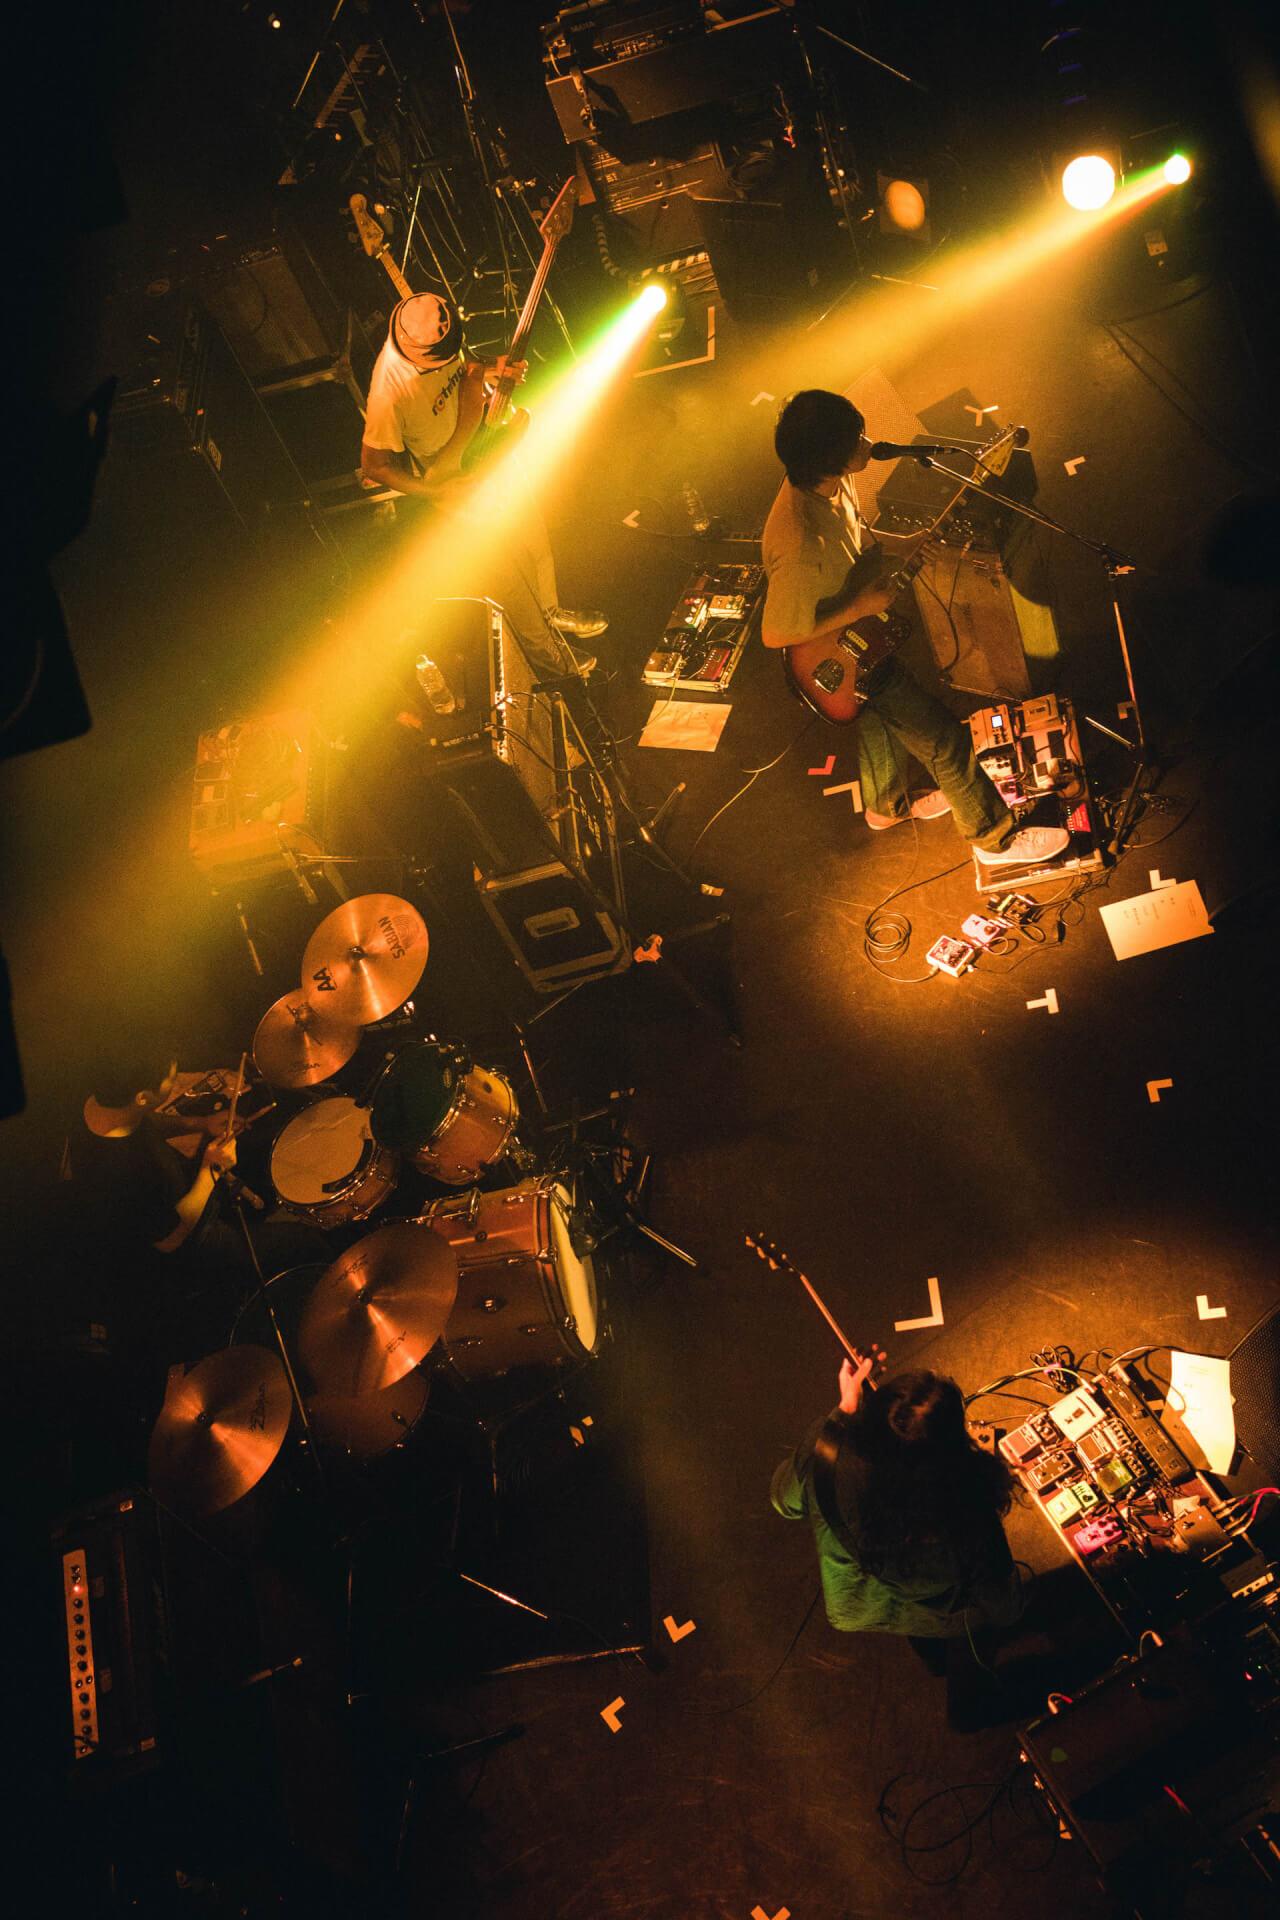 世界を旅するバンドが魅せるサイケデリアのまどろみ 幾何学模様 × OGRE YOU ASSHOLE ライブレポート music191103-kikagakumoyo-ogreyouasshole-9